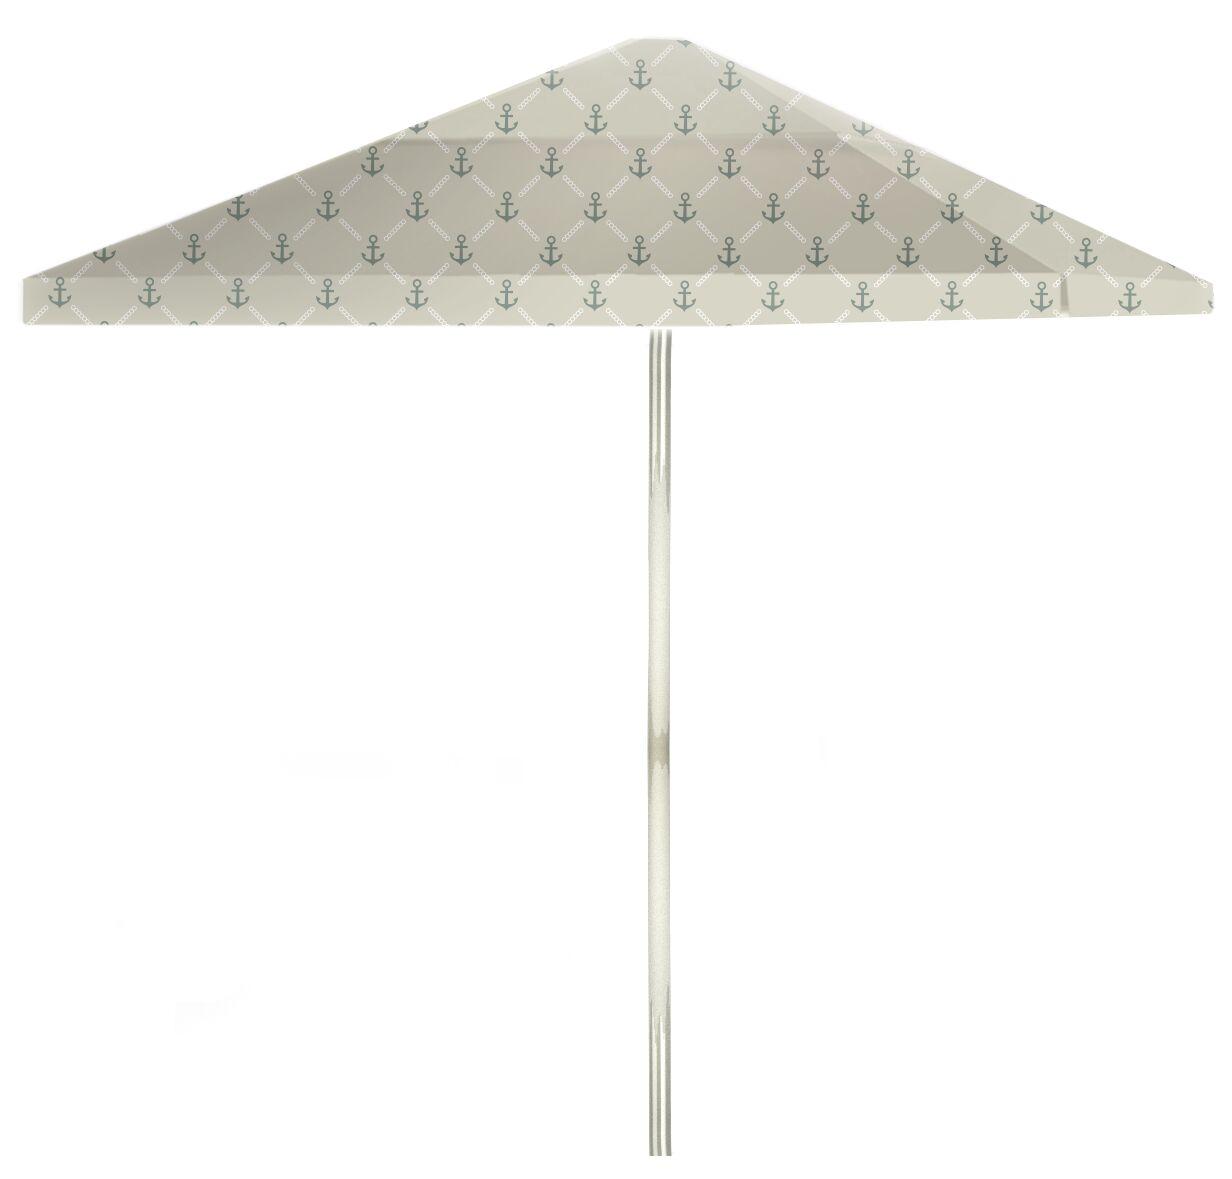 6' Square Market Umbrella Color: Gray/Gray